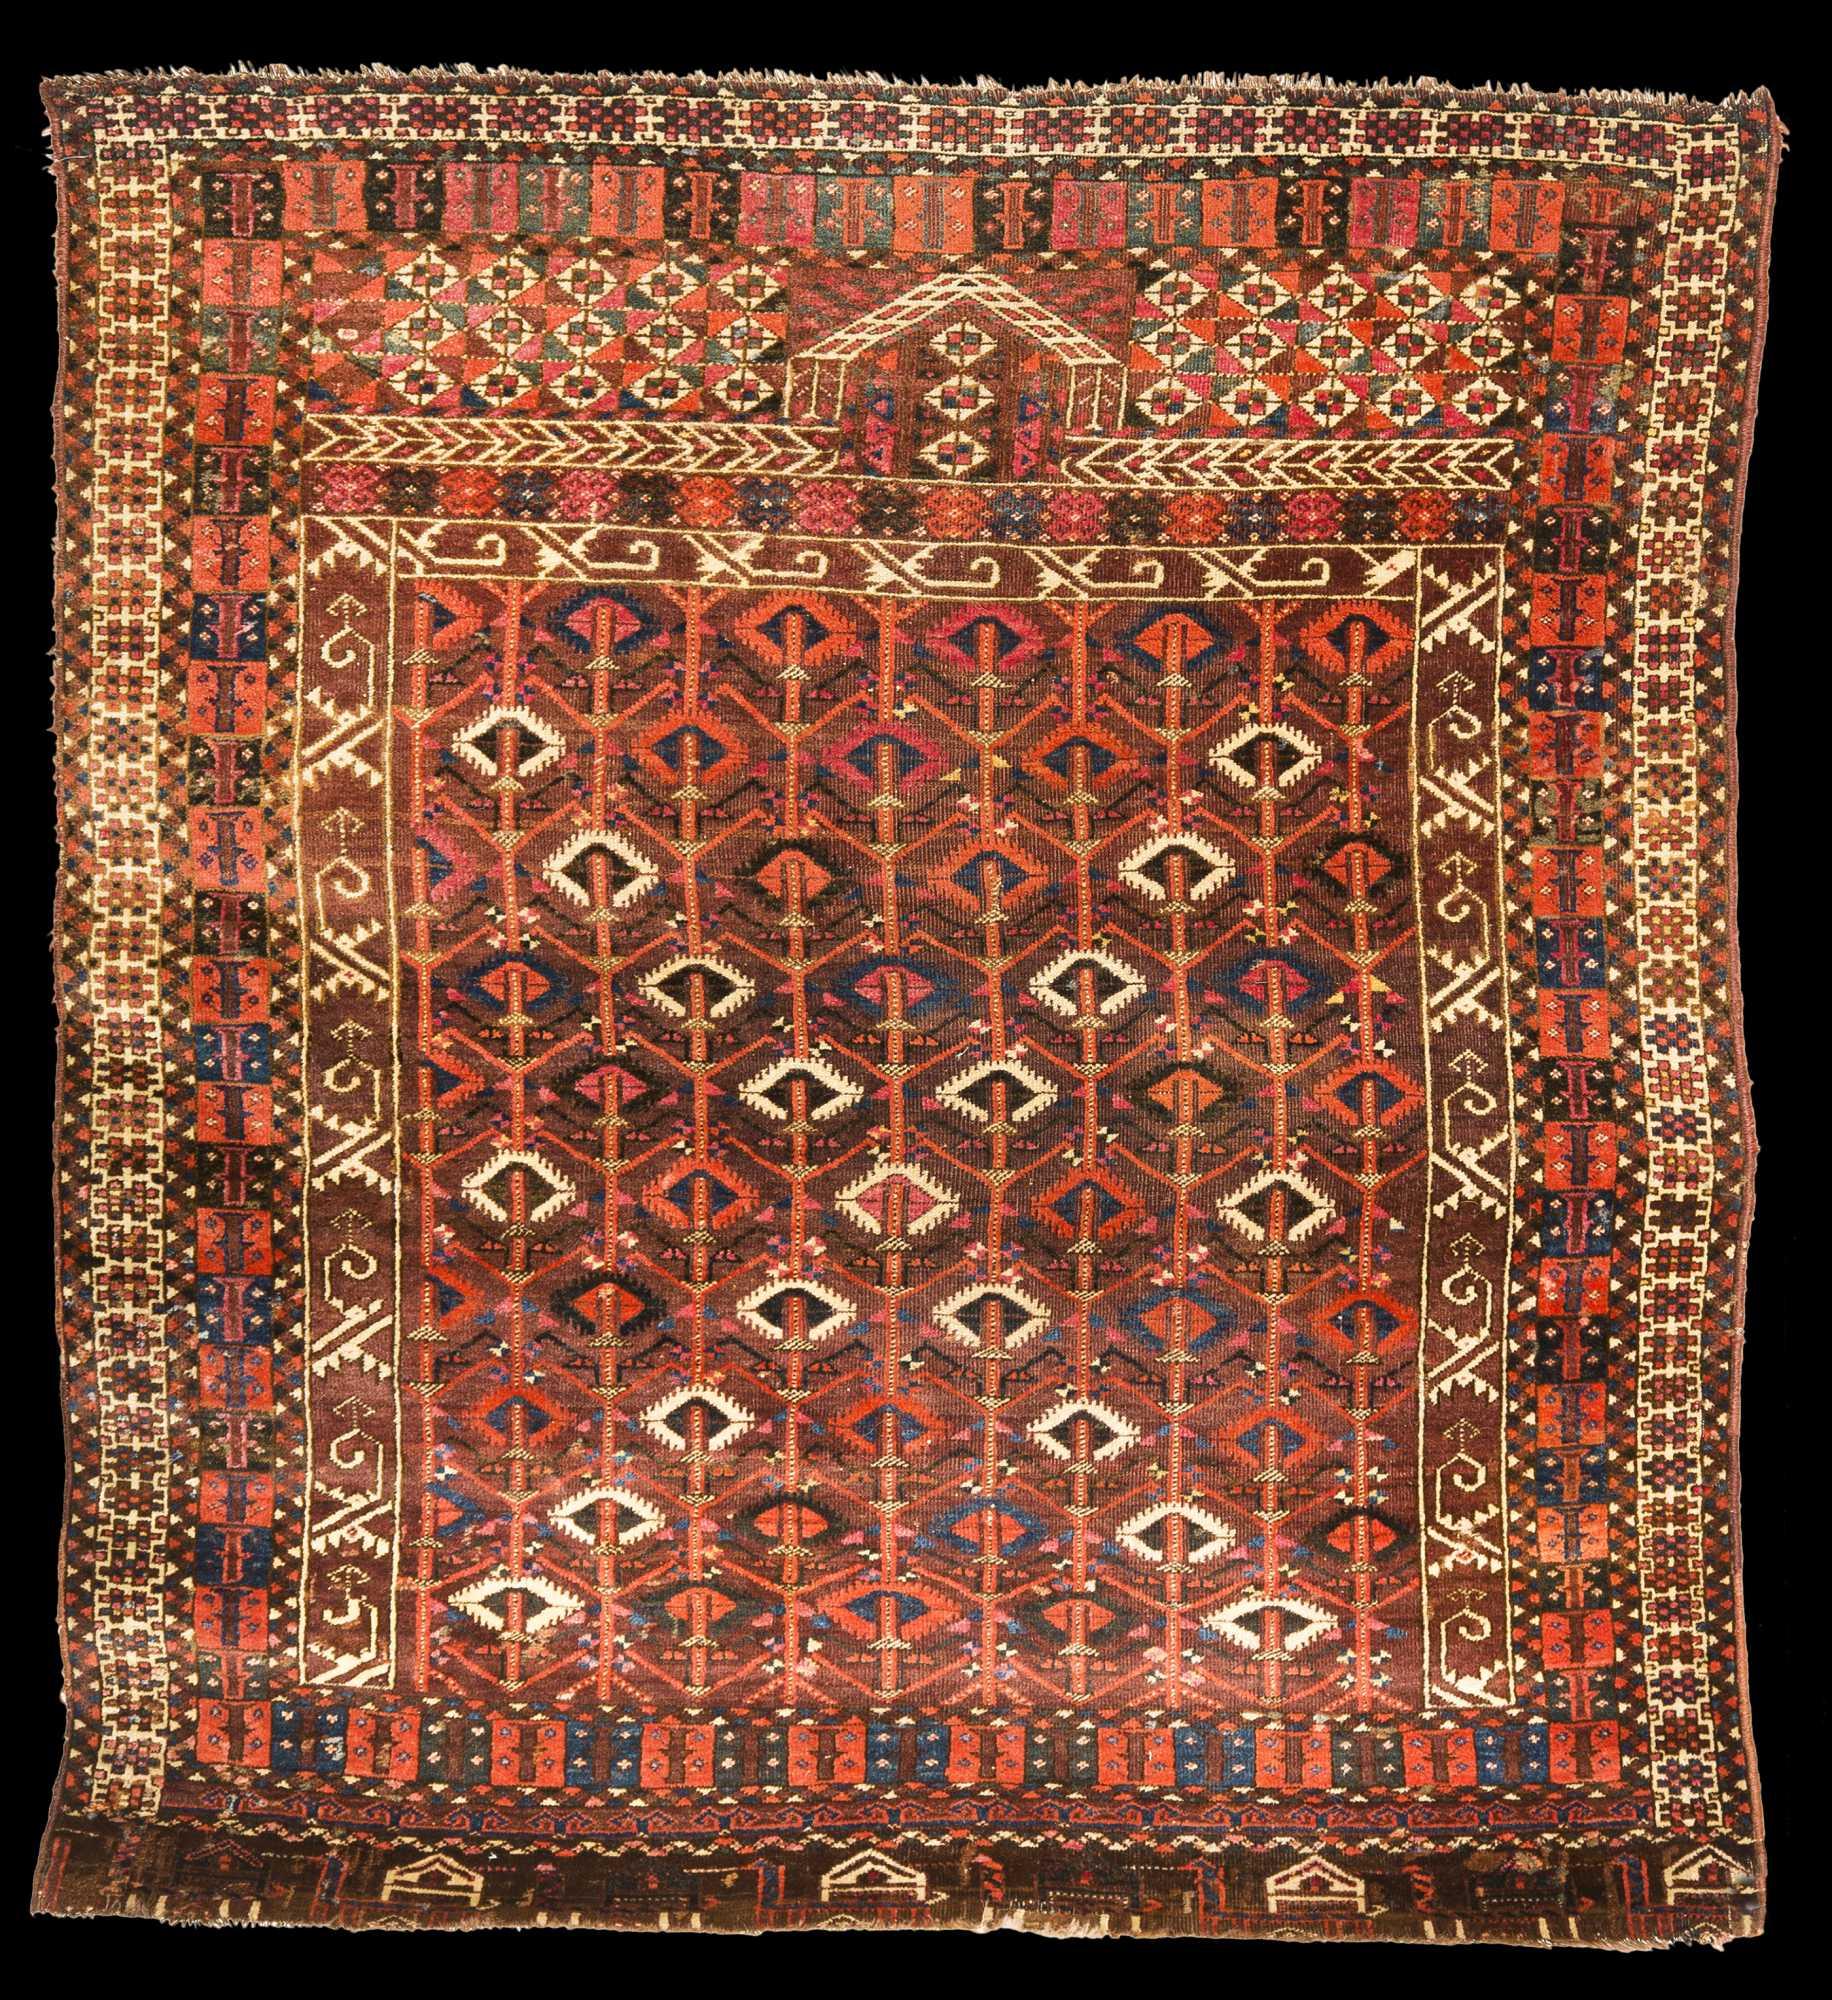 Antique Turkoman Rug: Antique Turkoman Prayer Rug